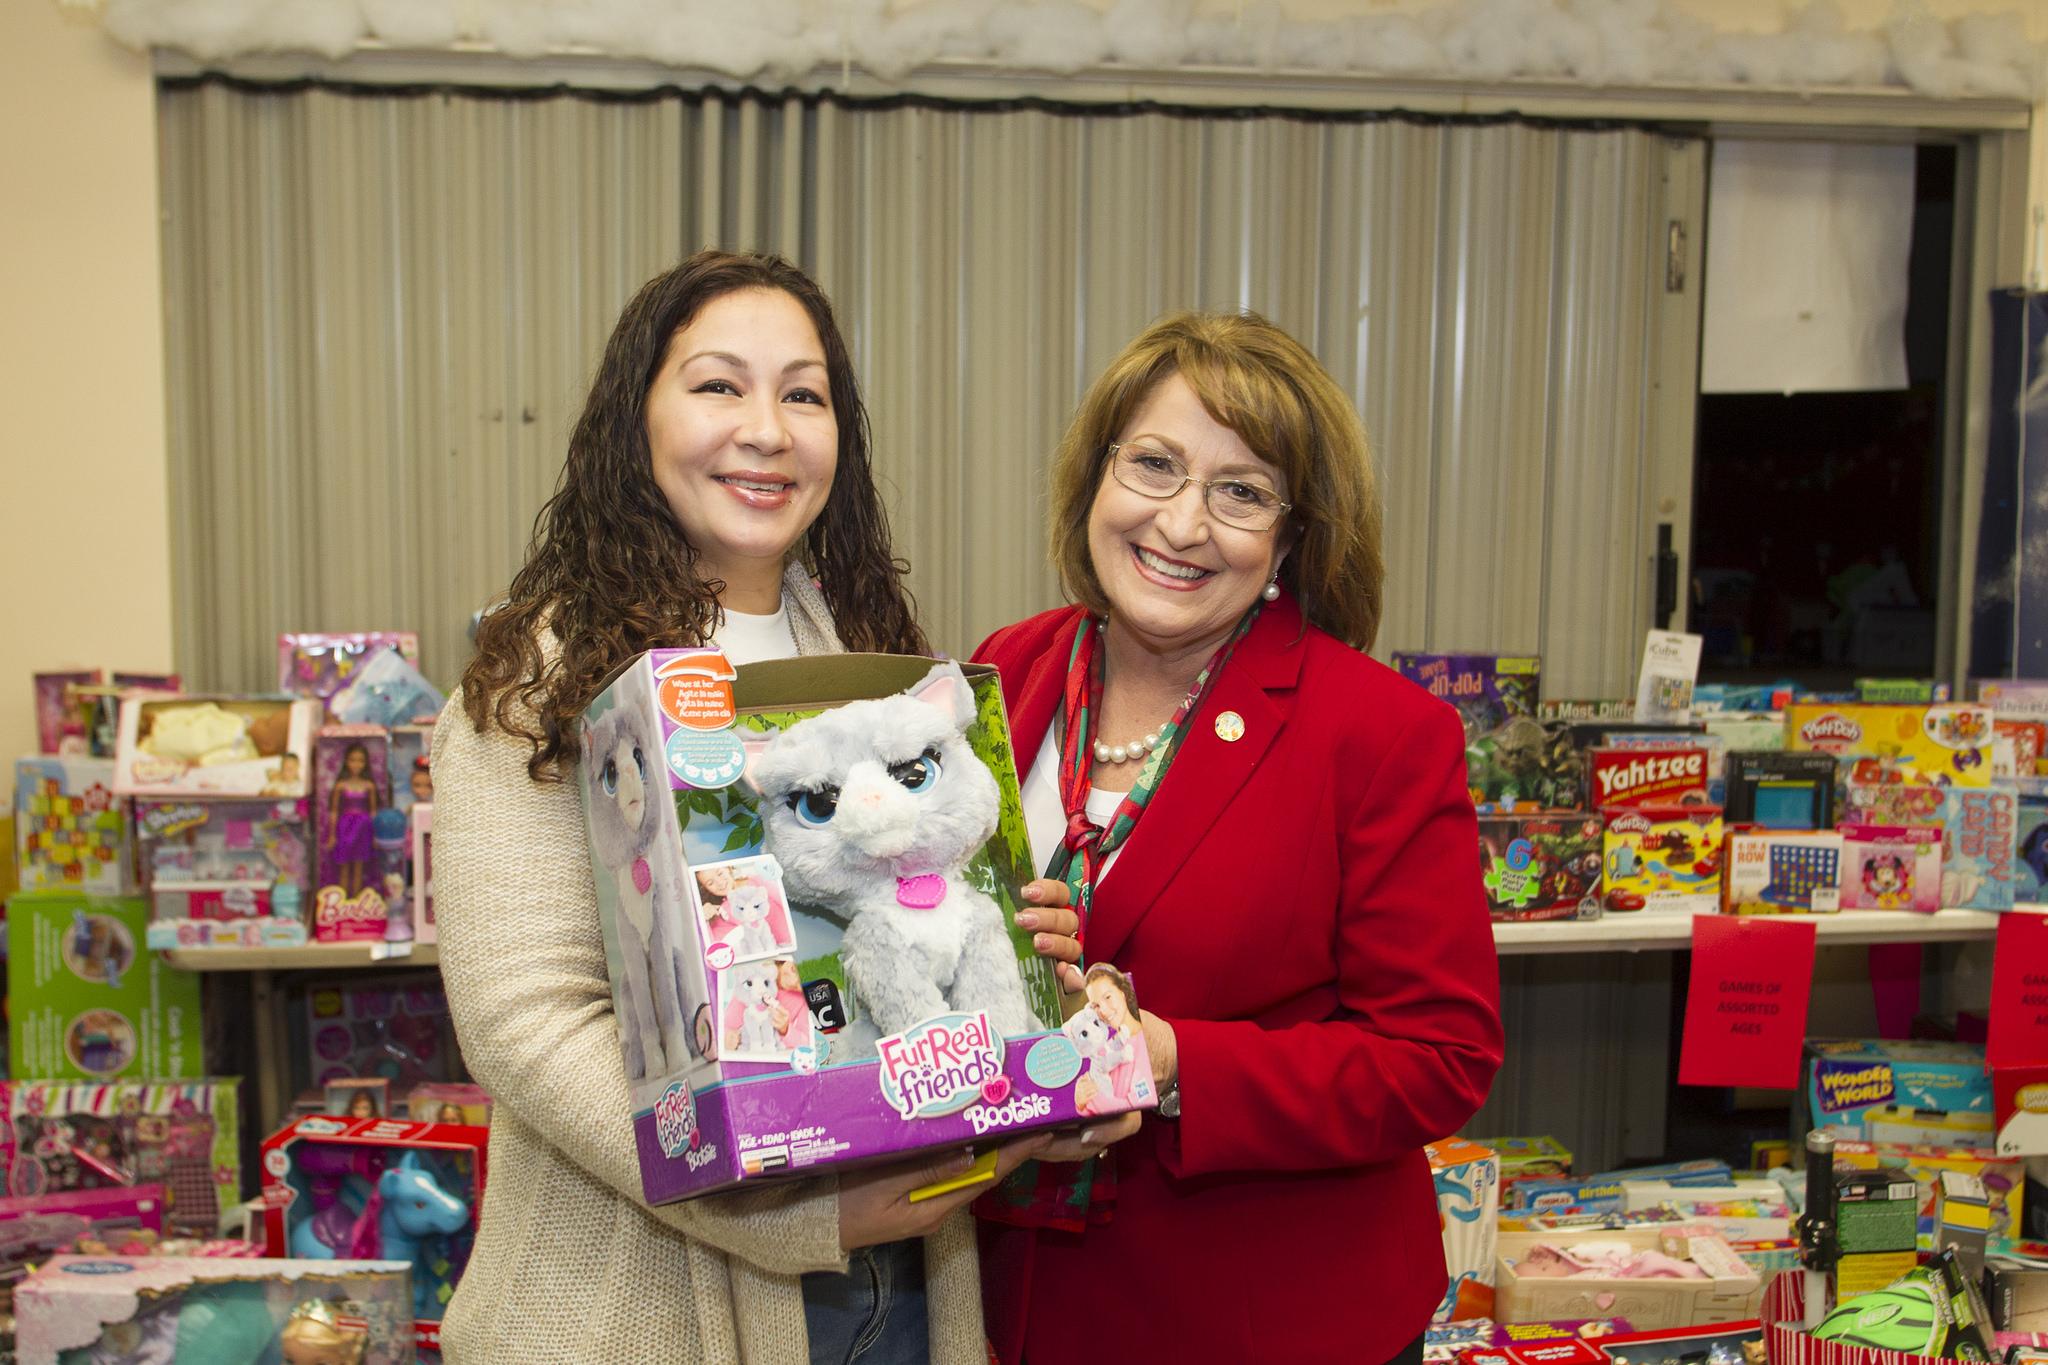 La Alcaldesa Jacobs con participante de la Colecta de Juguetes